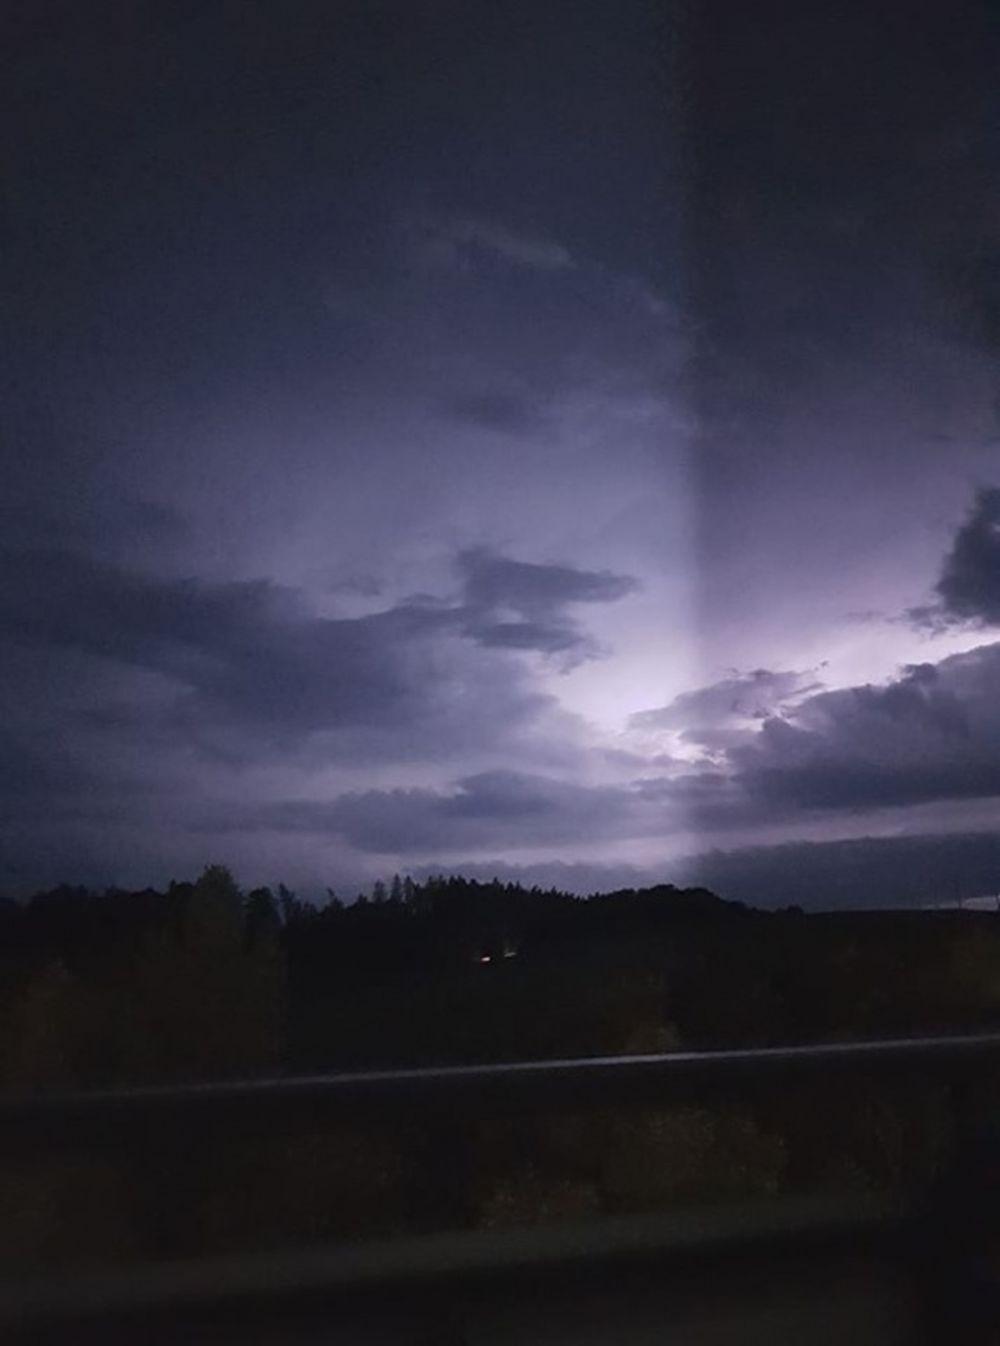 FOTO: Búrka, ktorá v utorok 28. júla zasiahla Žilinský kraj, na záberoch od čitateľov, foto 3